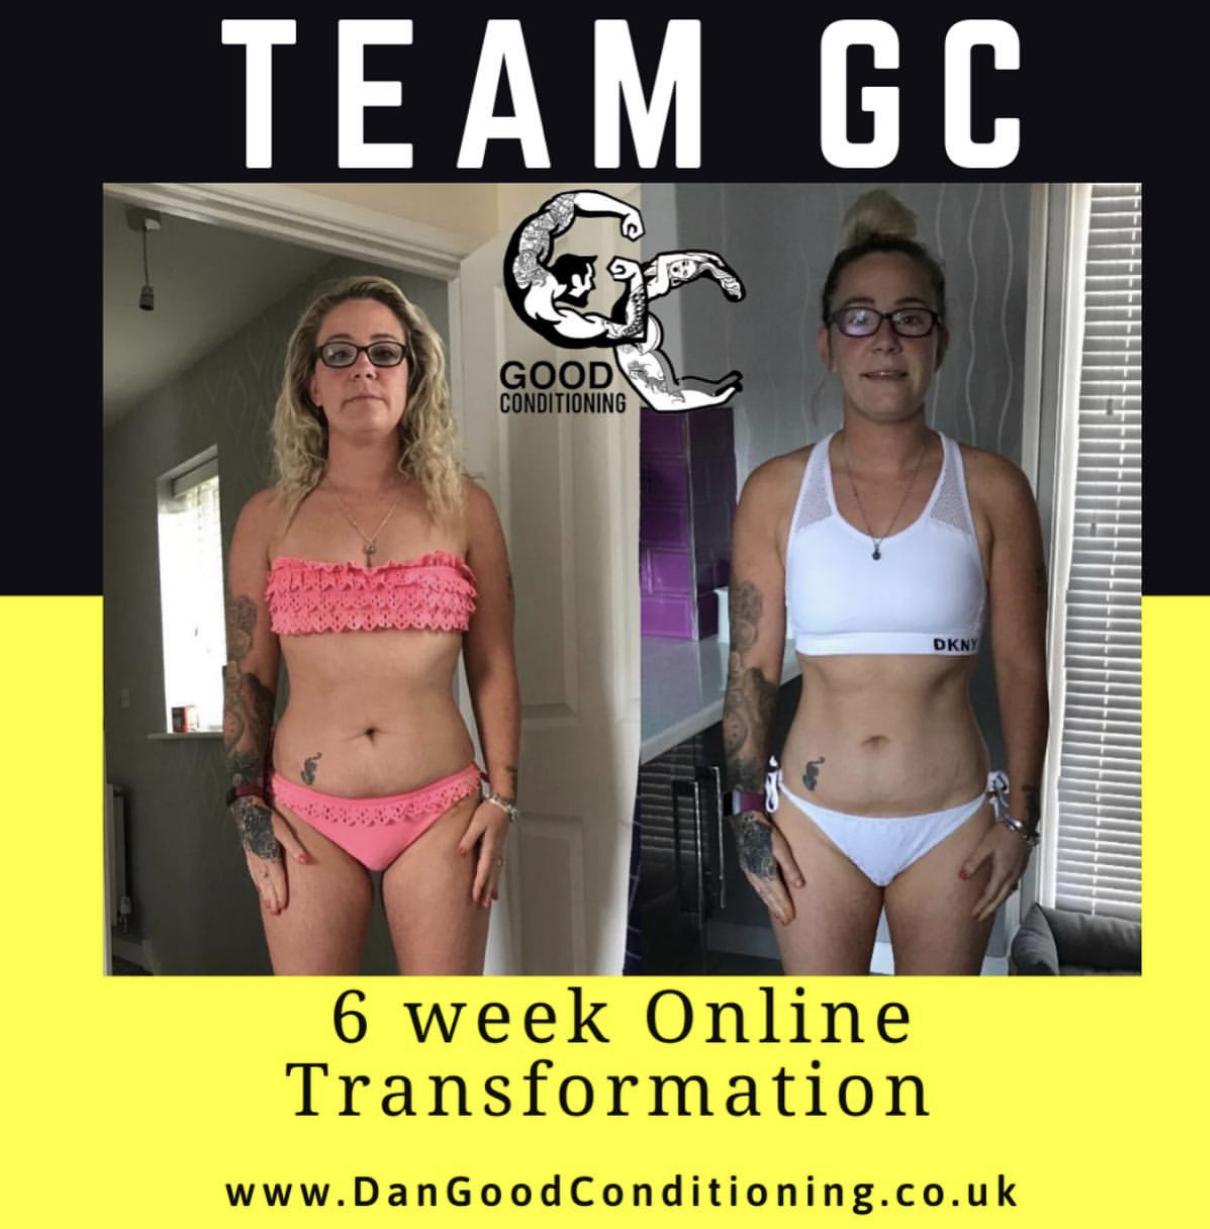 Siobhan Fallow - Team GC Member